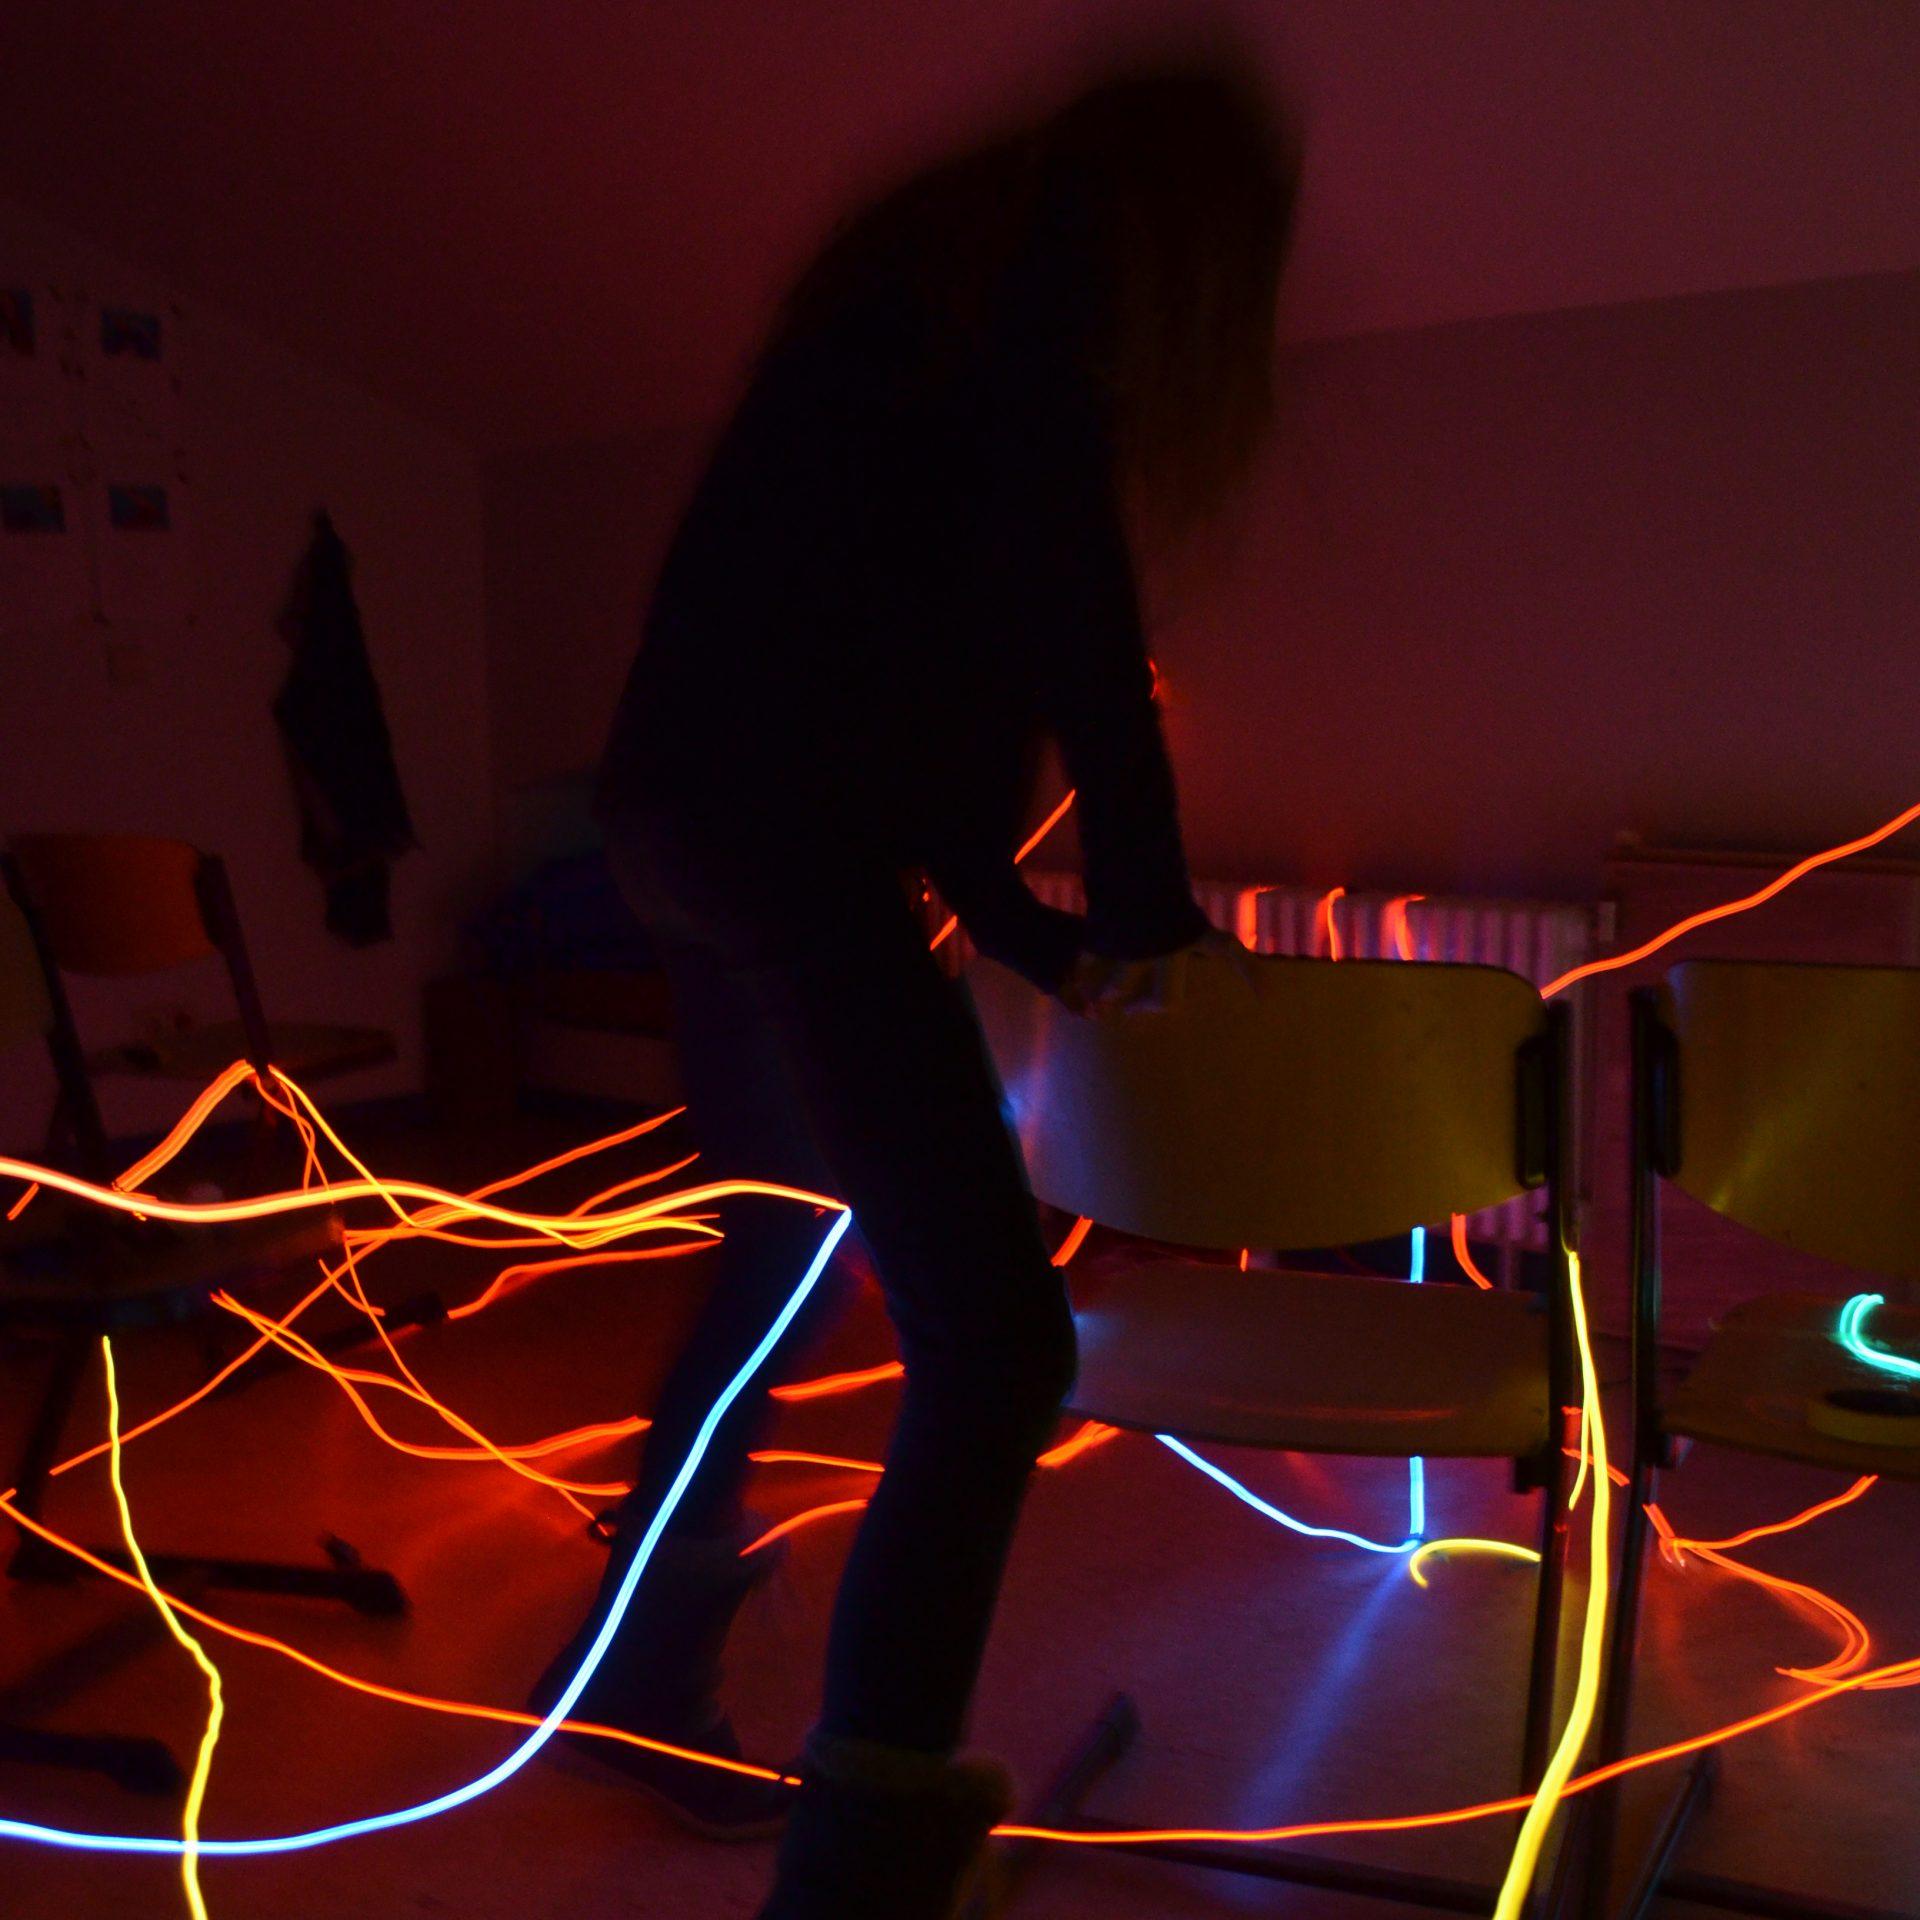 06-lichtwoche-LICHTKUNST-berlin-lpdm-thomas-wienands-architektur-innenarchitektur-KUNST